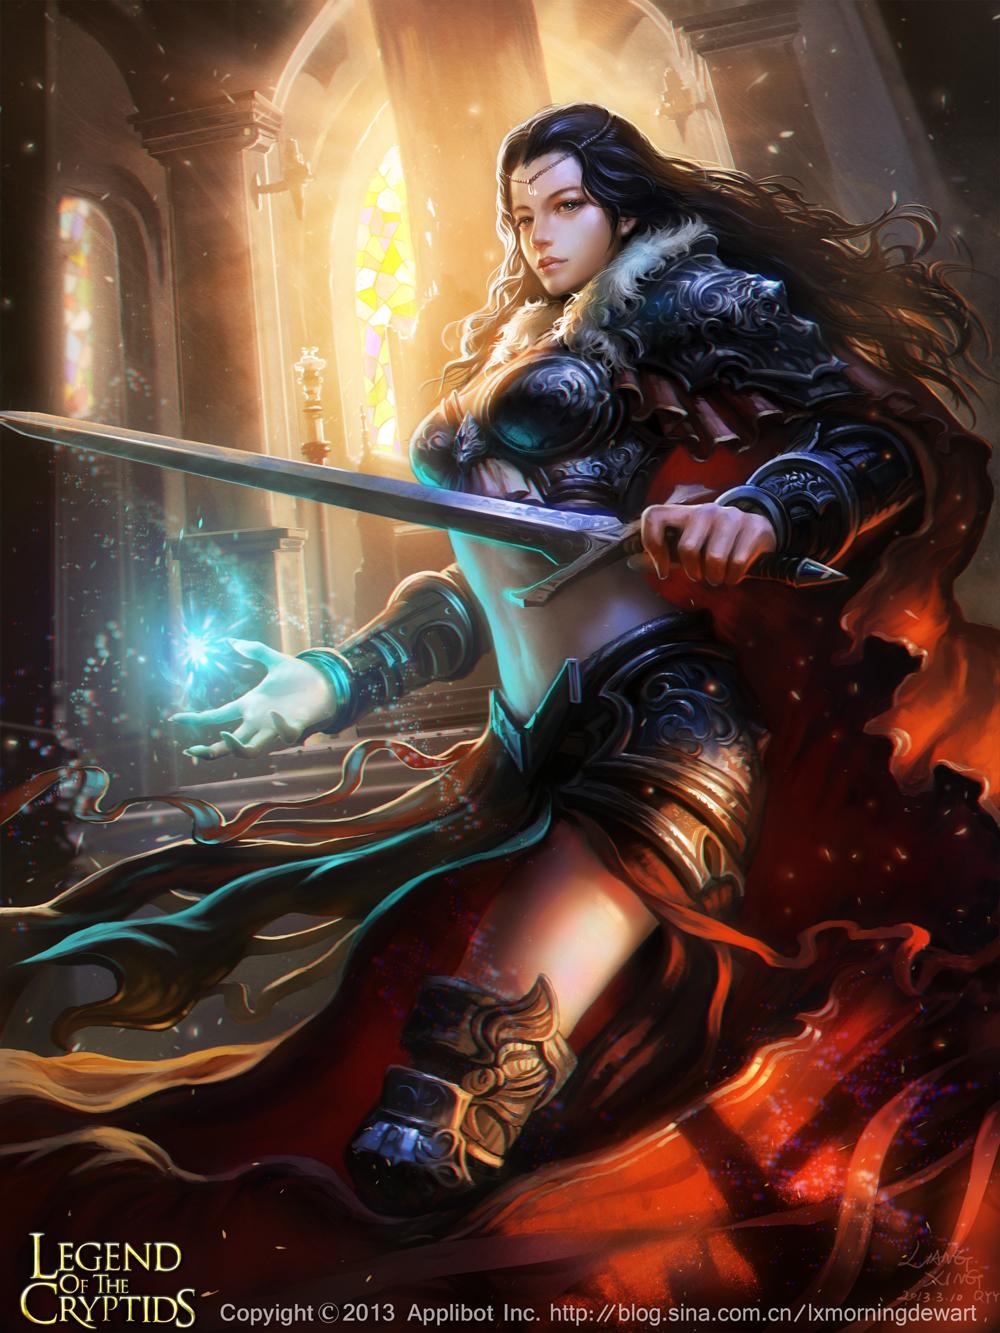 Fantasy Fallen Angels Girls Wallpaper The Stunning Digital Art Of Liang Xing Fantasy Illustrator